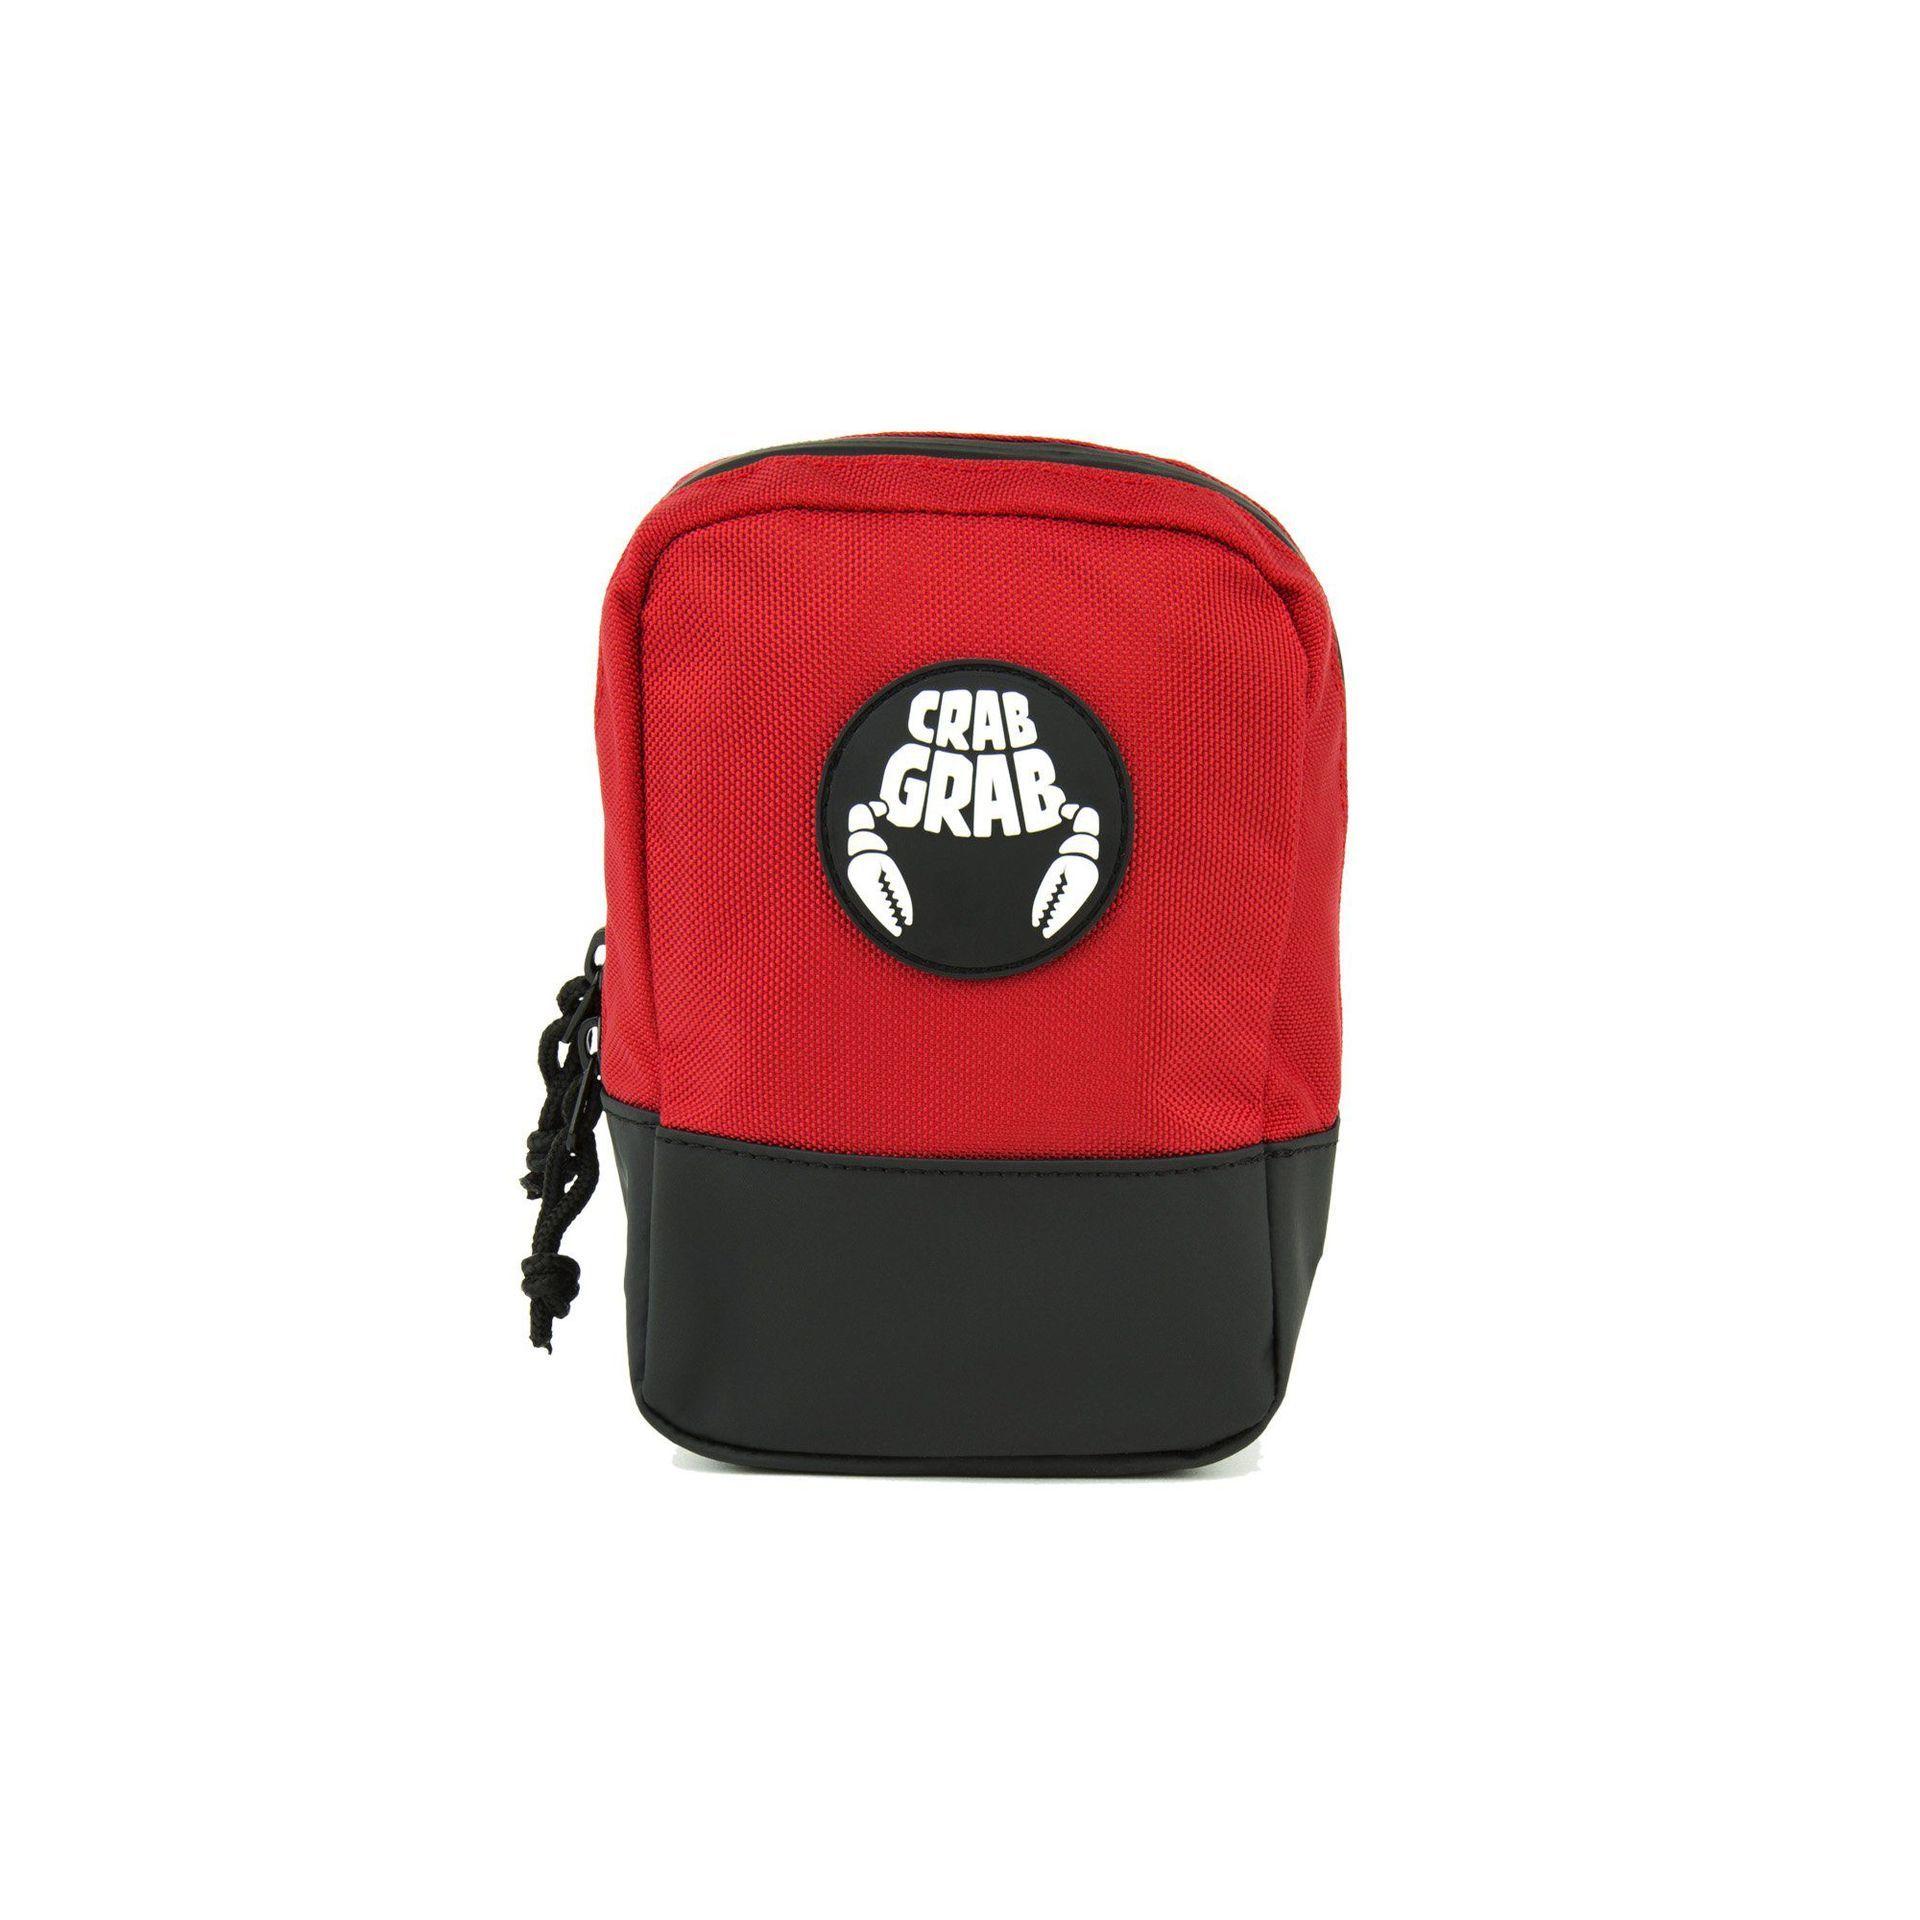 PLECACZEK DO WIĄZAŃ CRAB GRAB BINDING BAG RED 1